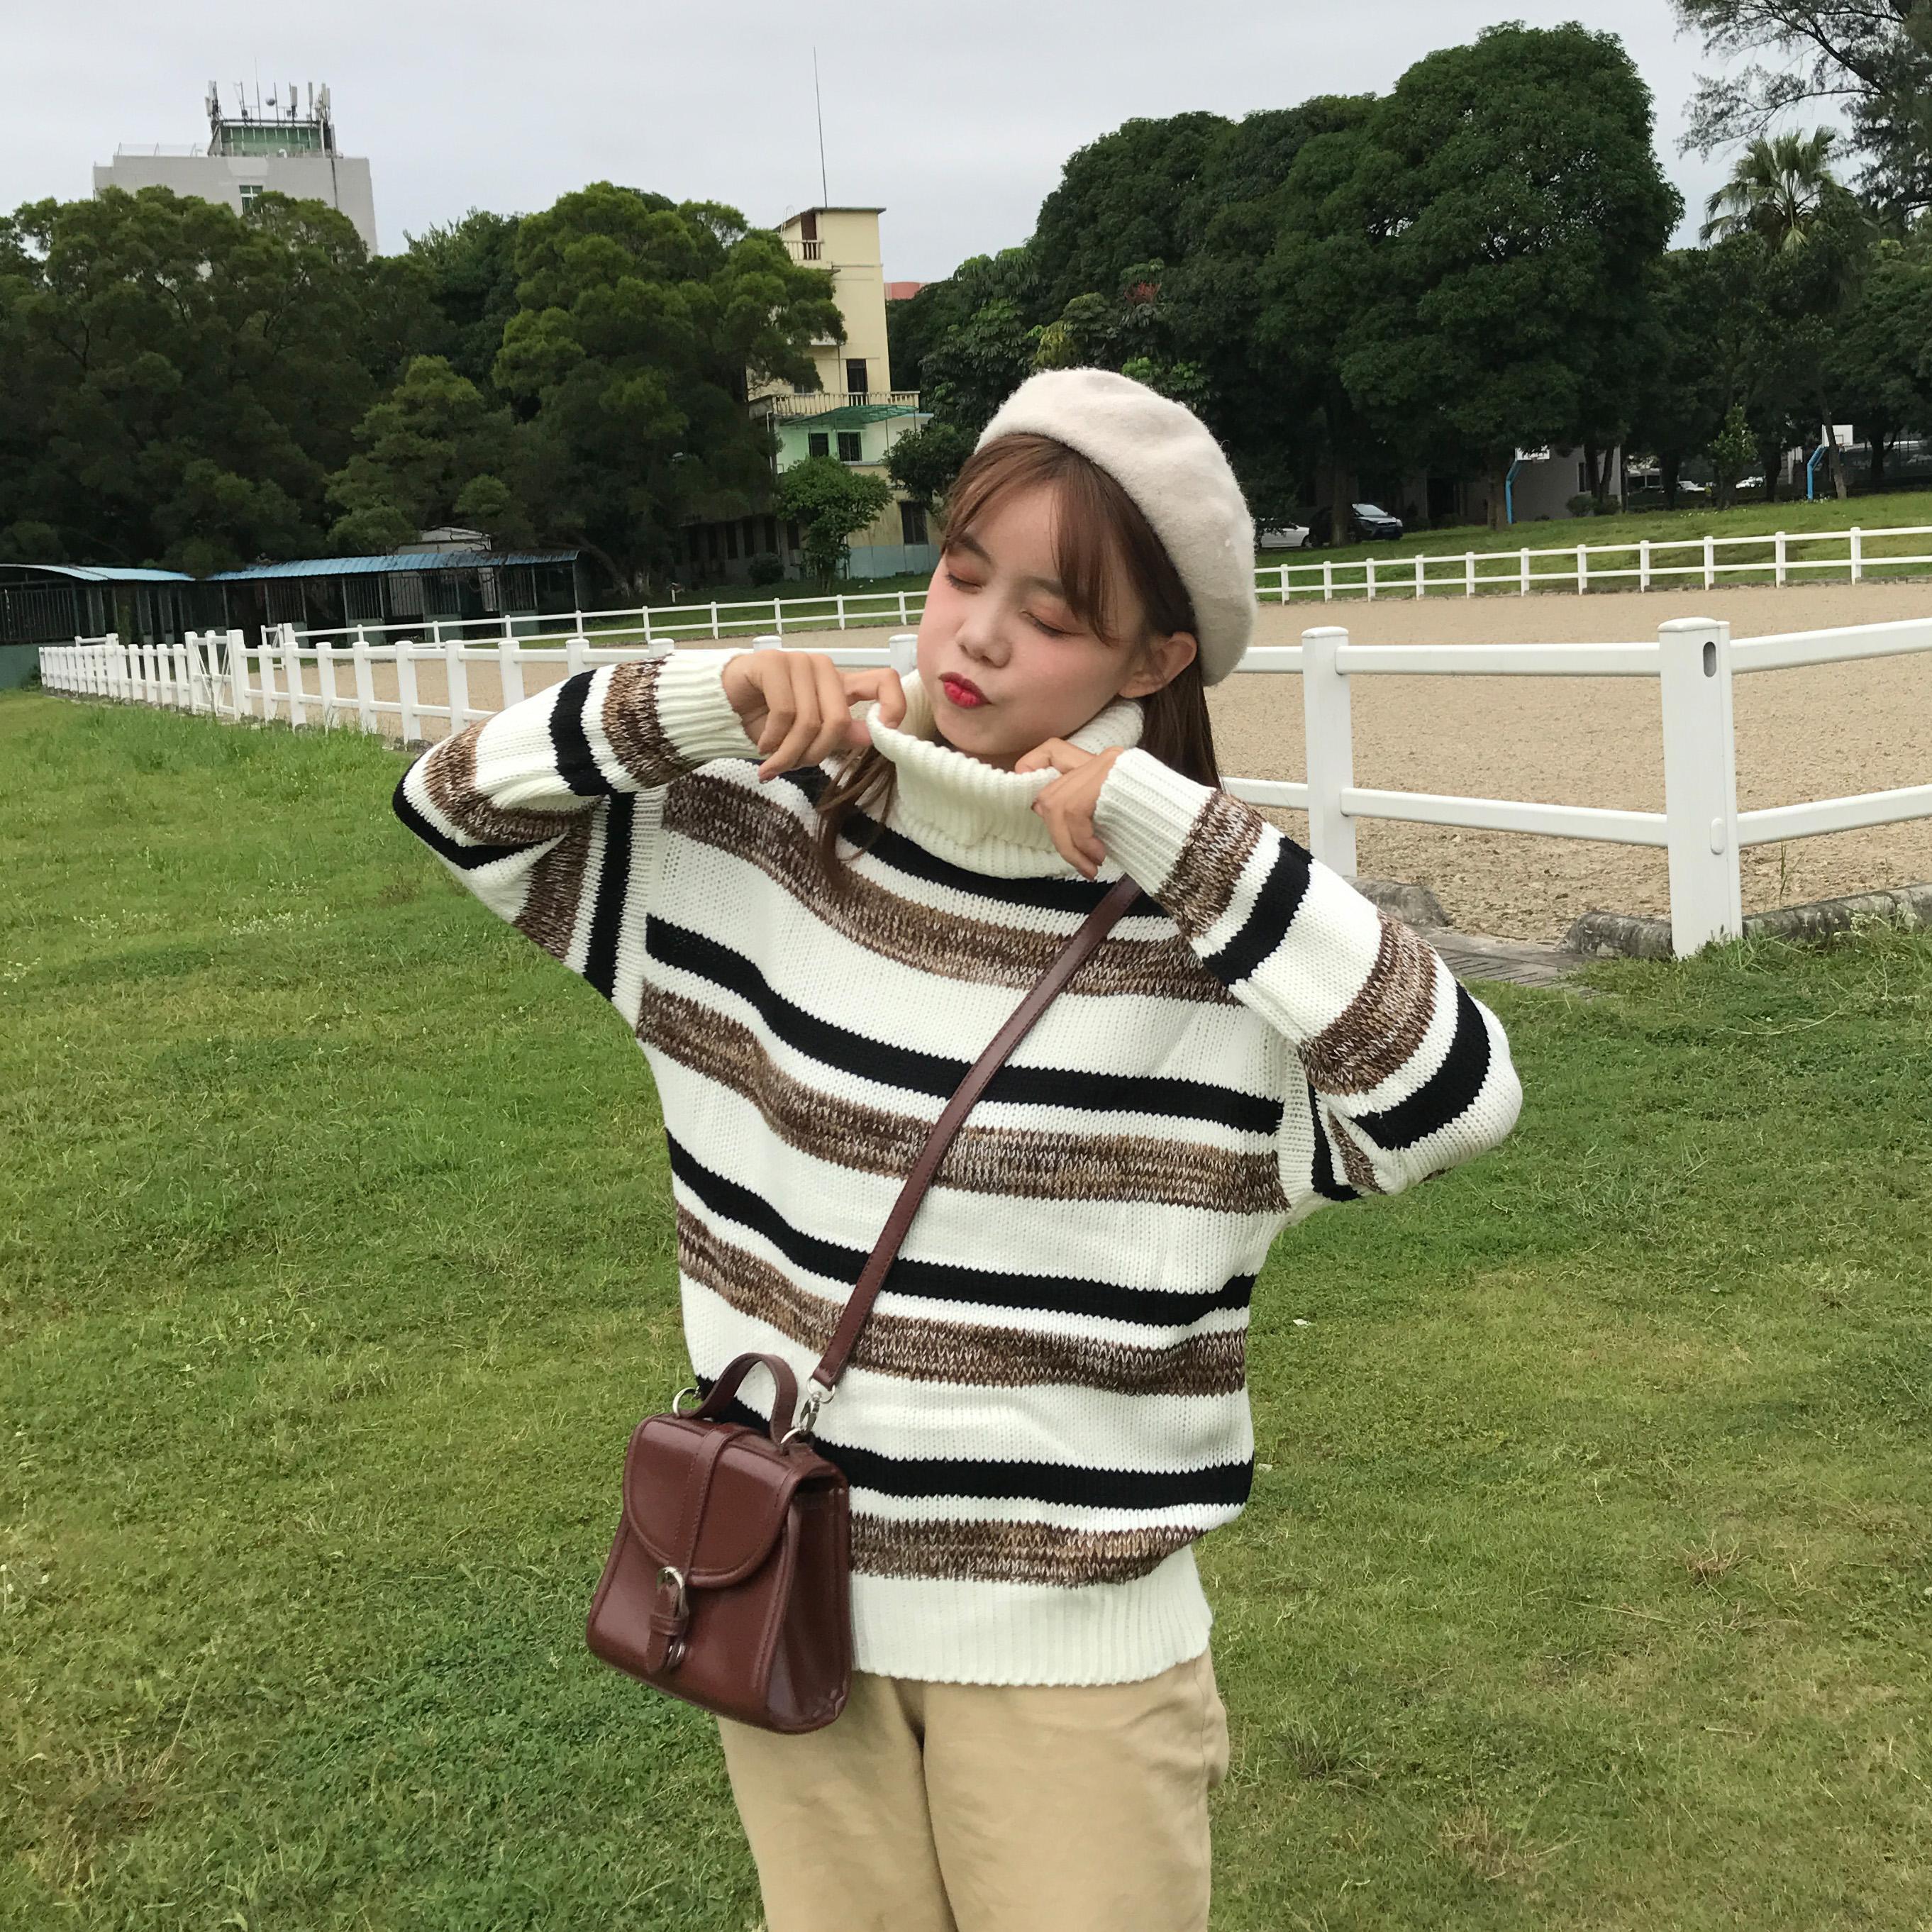 8369#实拍实价 2018秋冬新款韩版条纹撞色高领长袖套头毛衣女